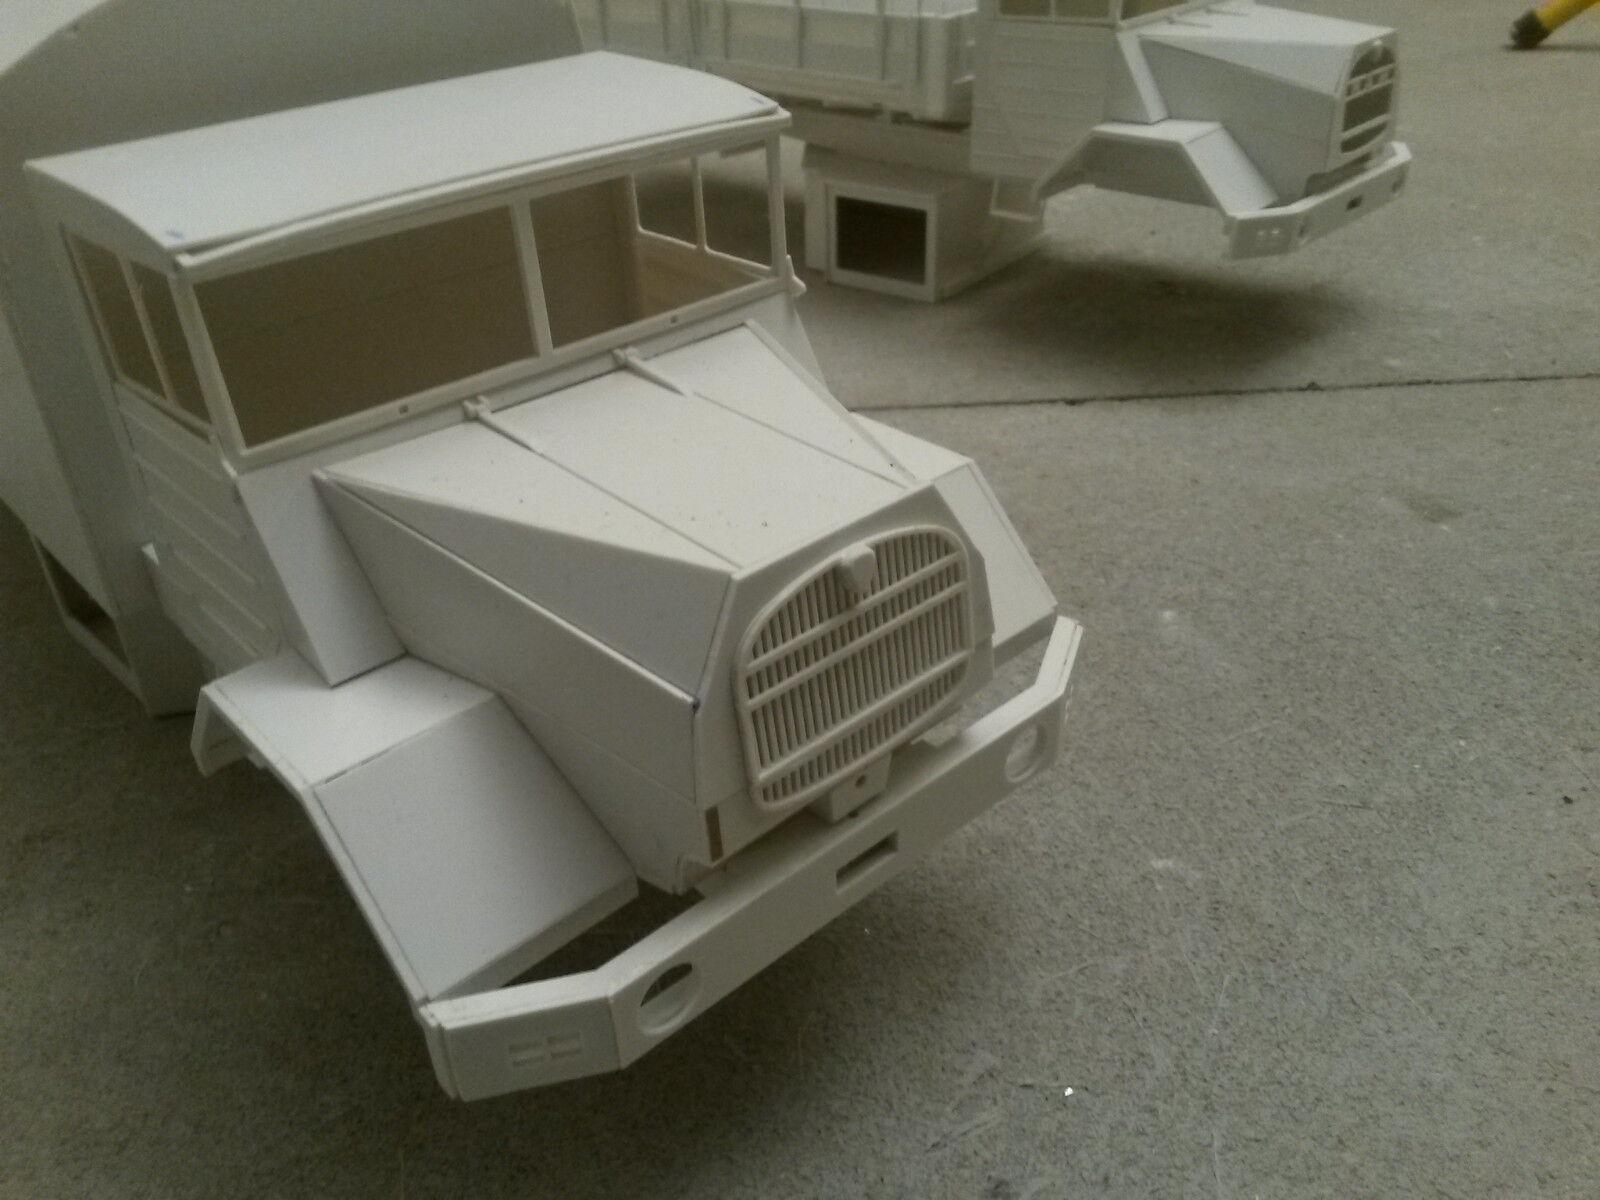 man 630 rc lkw truck 1 16 emma eur 235 00 picclick de. Black Bedroom Furniture Sets. Home Design Ideas